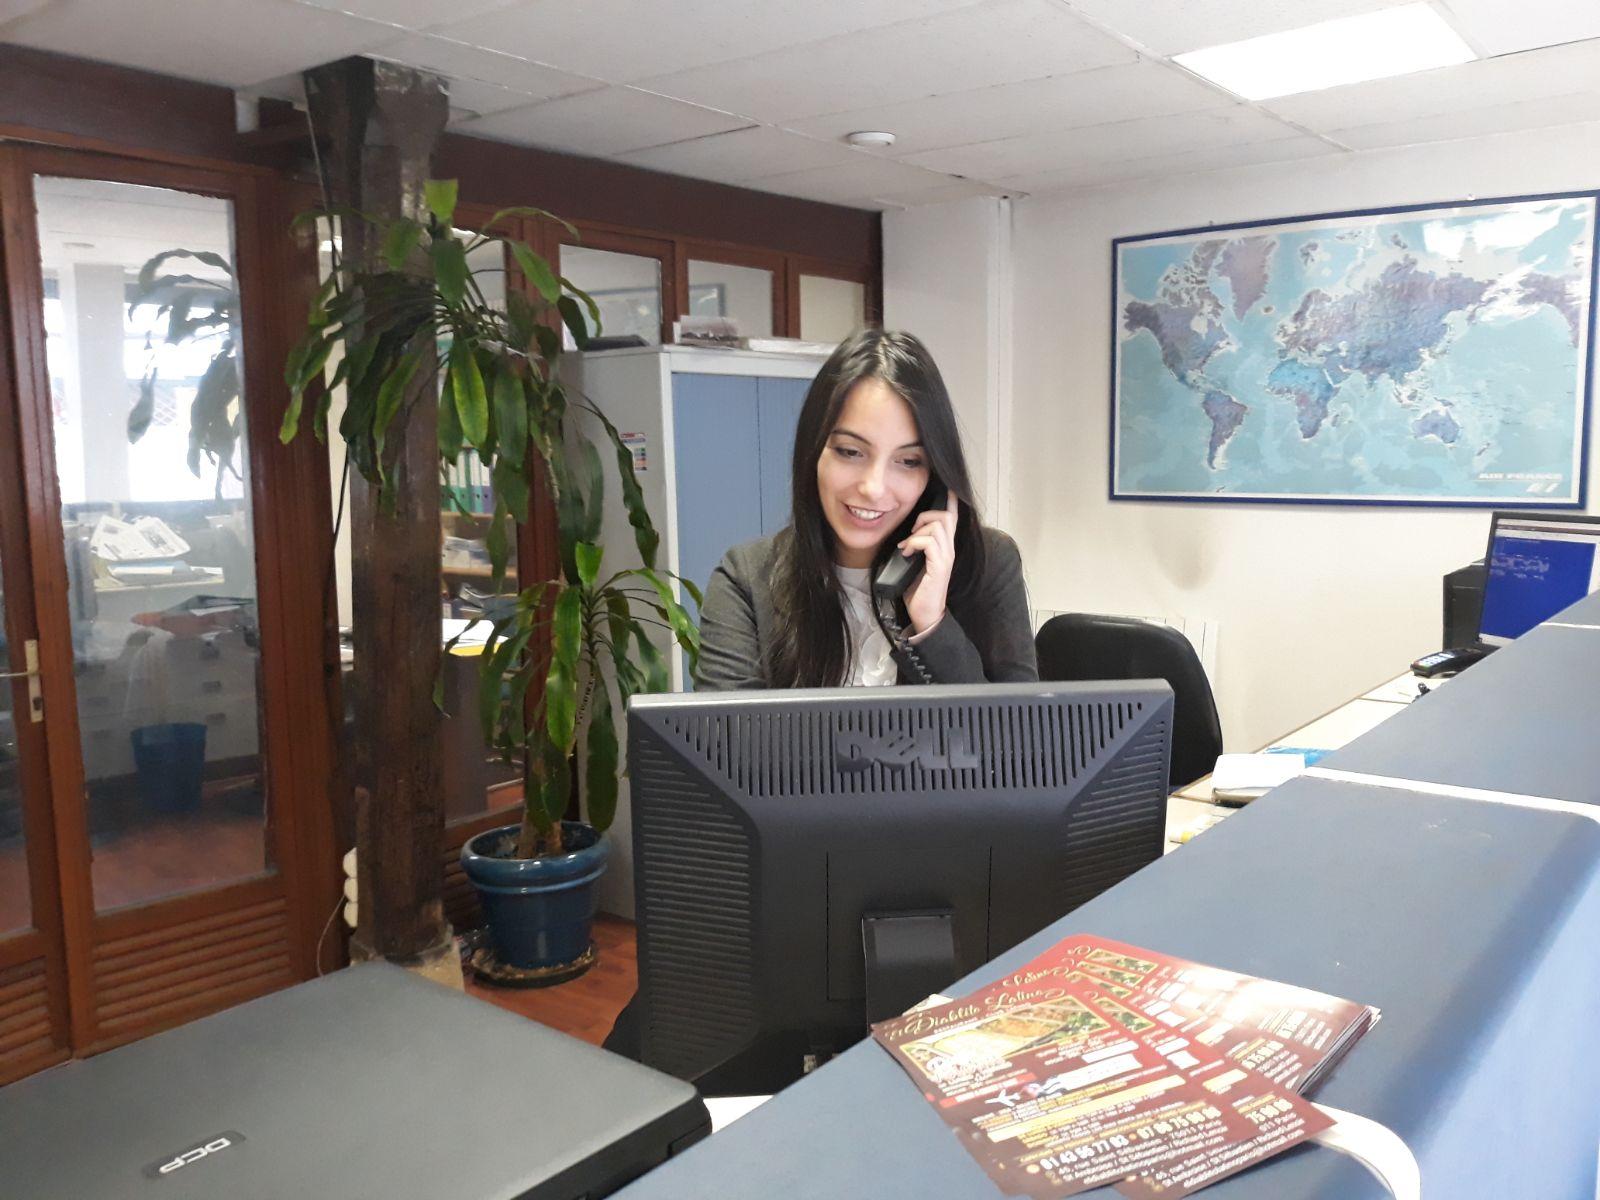 Dorotea Borković, študentka programa Marketing, družbeni mediji in odnosi z javnostmi